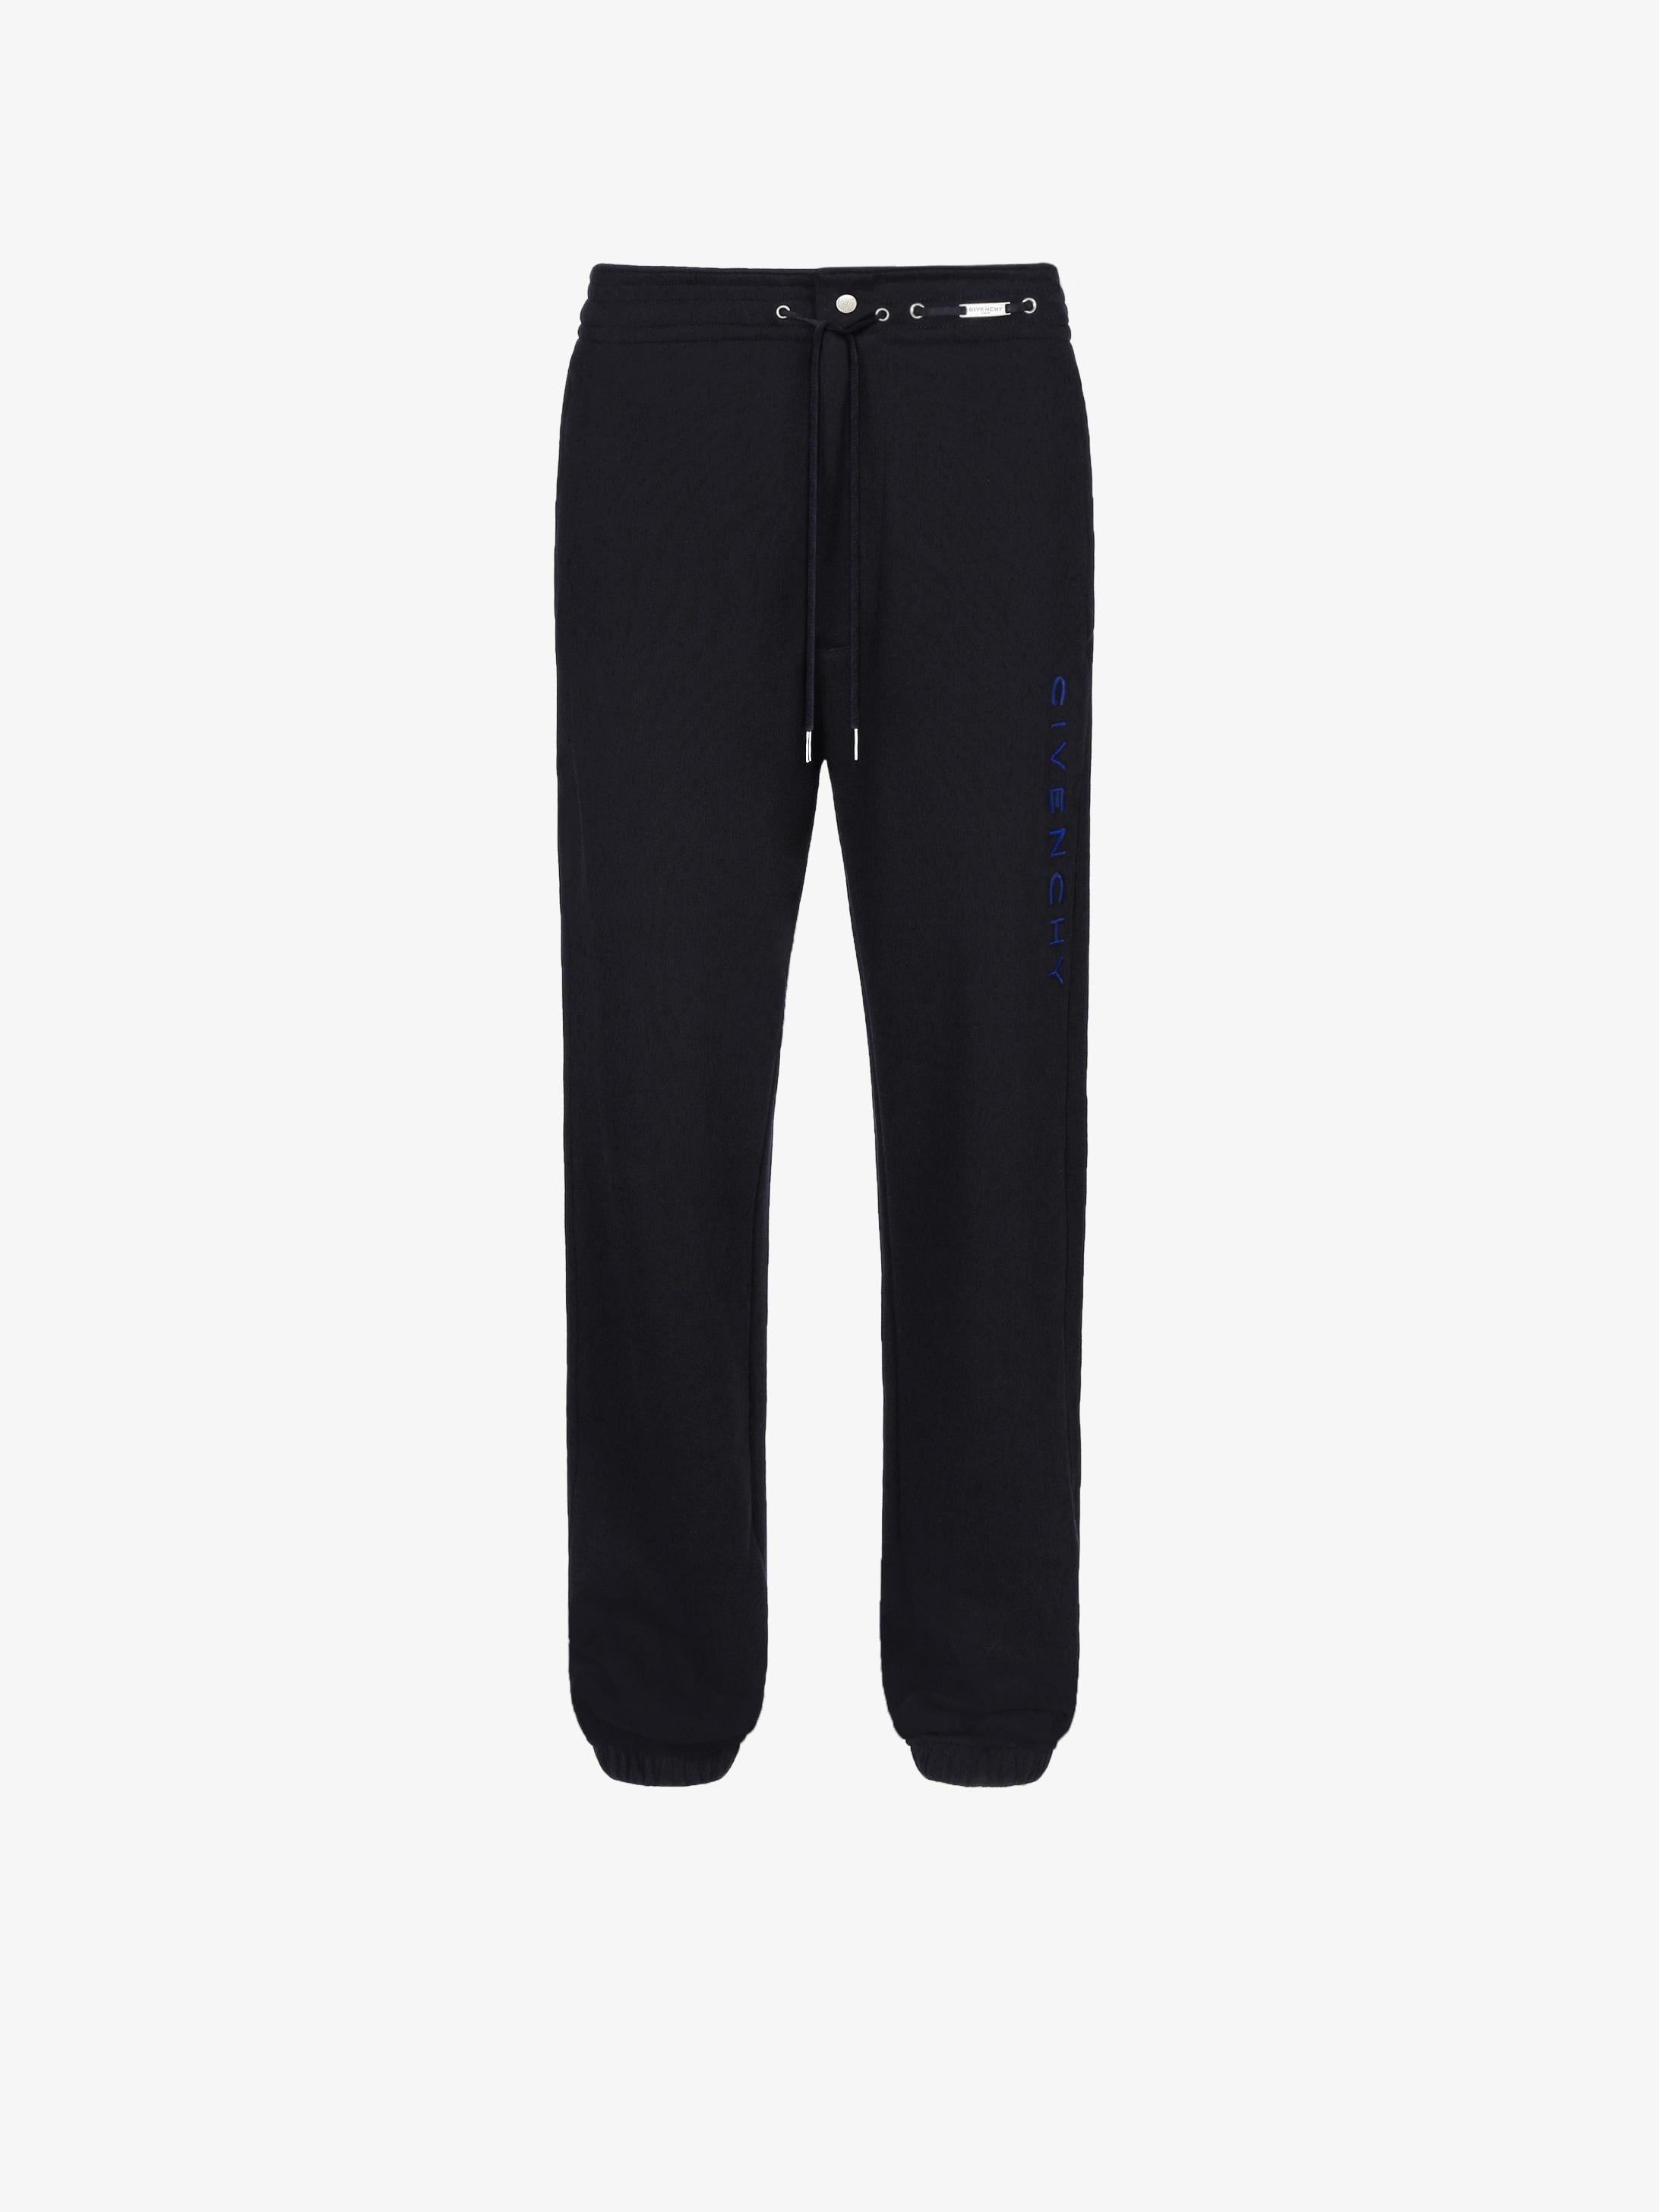 Vertical GIVENCHY Jogger pants